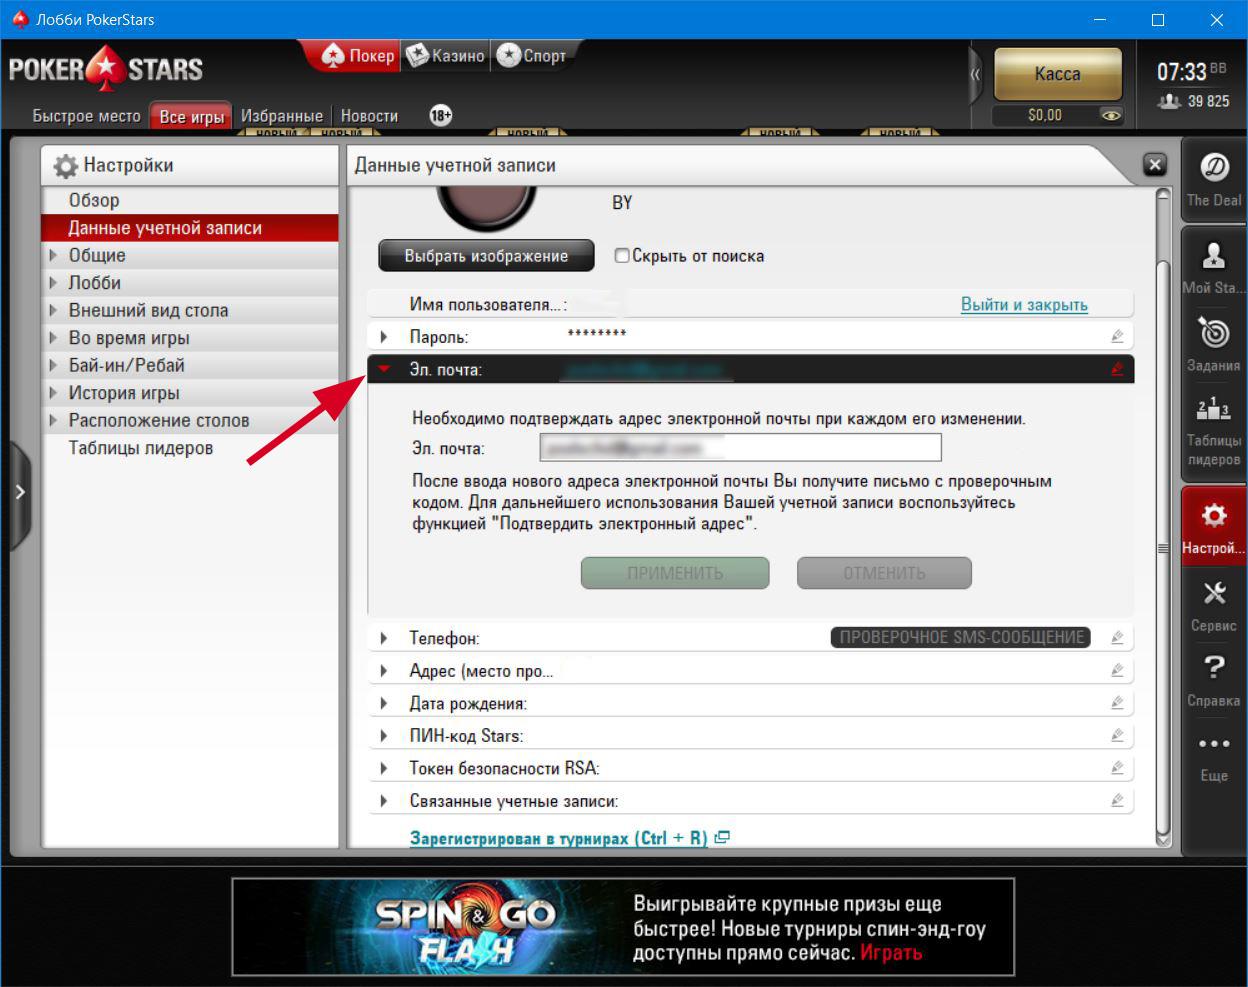 Подтверждение электронной почты в клиенте PokerStars.